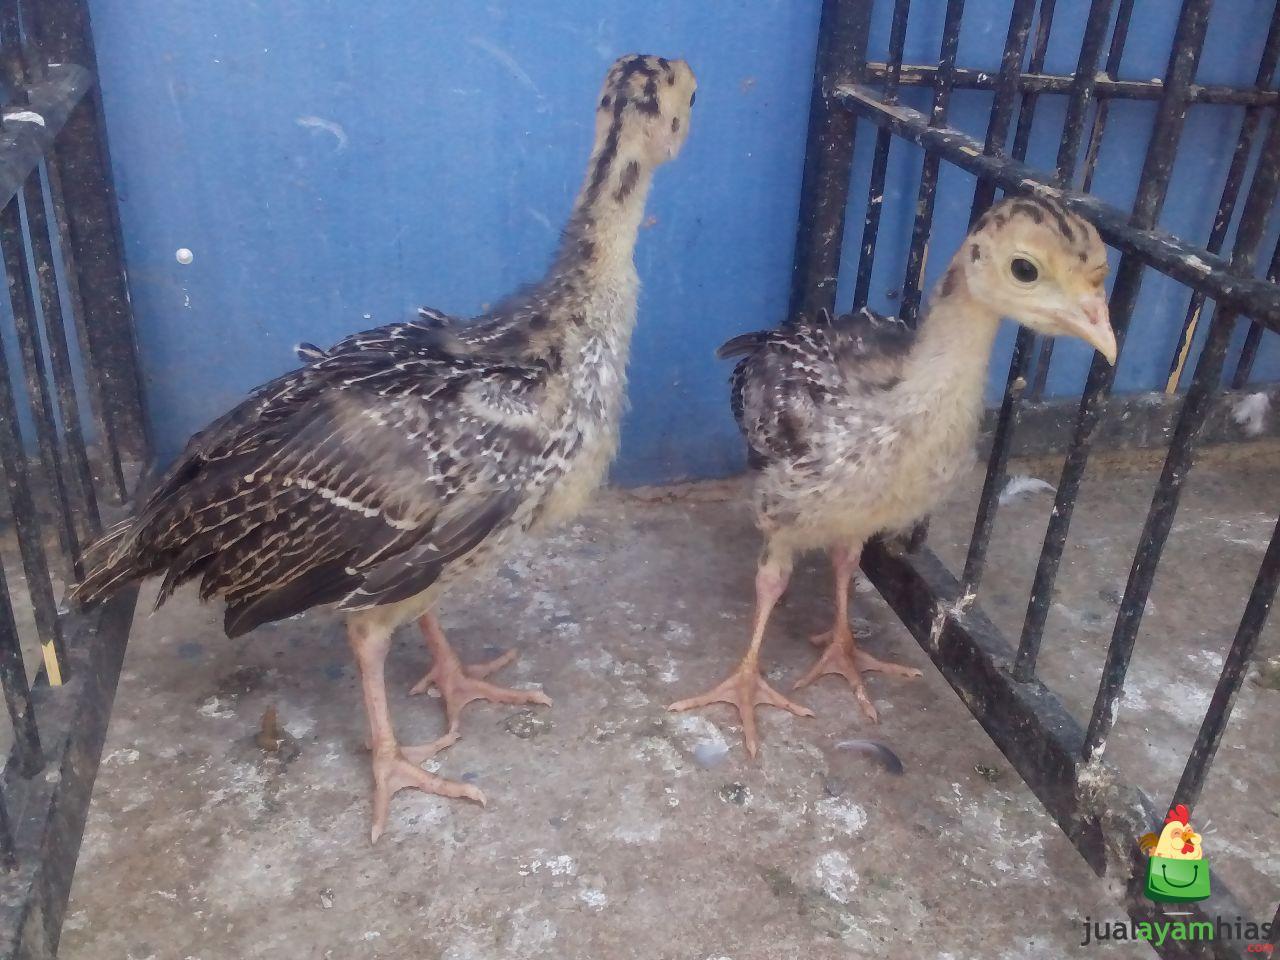 Ayam Kalkun Bronze Sepasang Umur 1 Bulan Pesanan Bapak Agung di Bogor